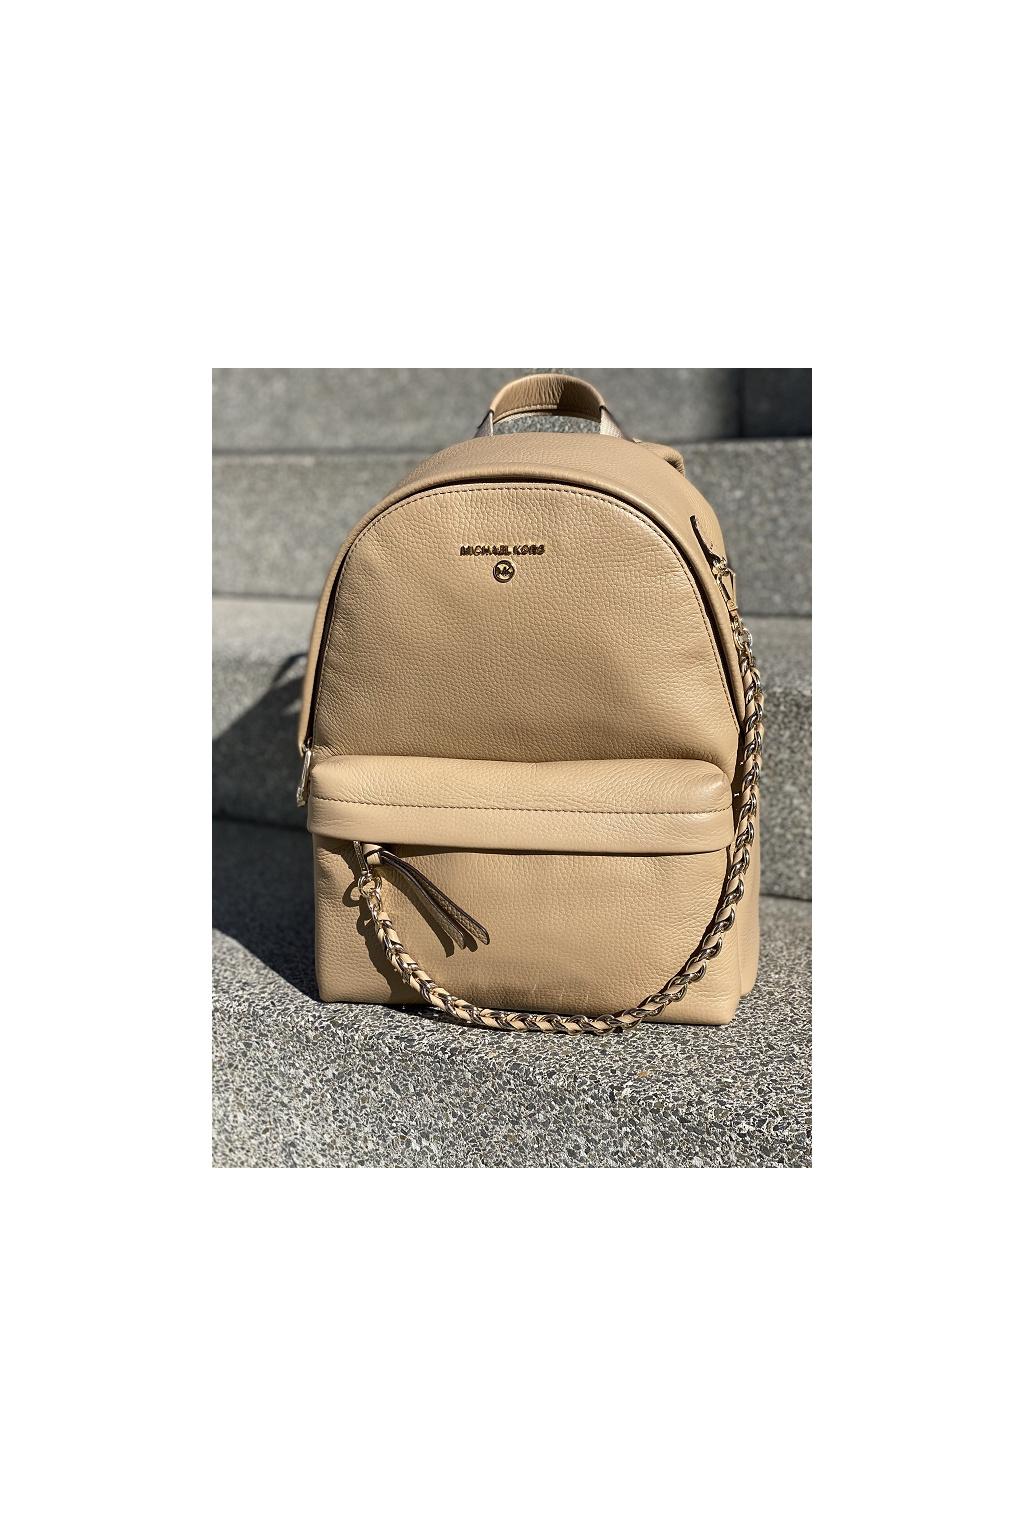 Dámský batoh Michael Kors Slater Medium Backpack Leather 30T0L04B1L hnědý